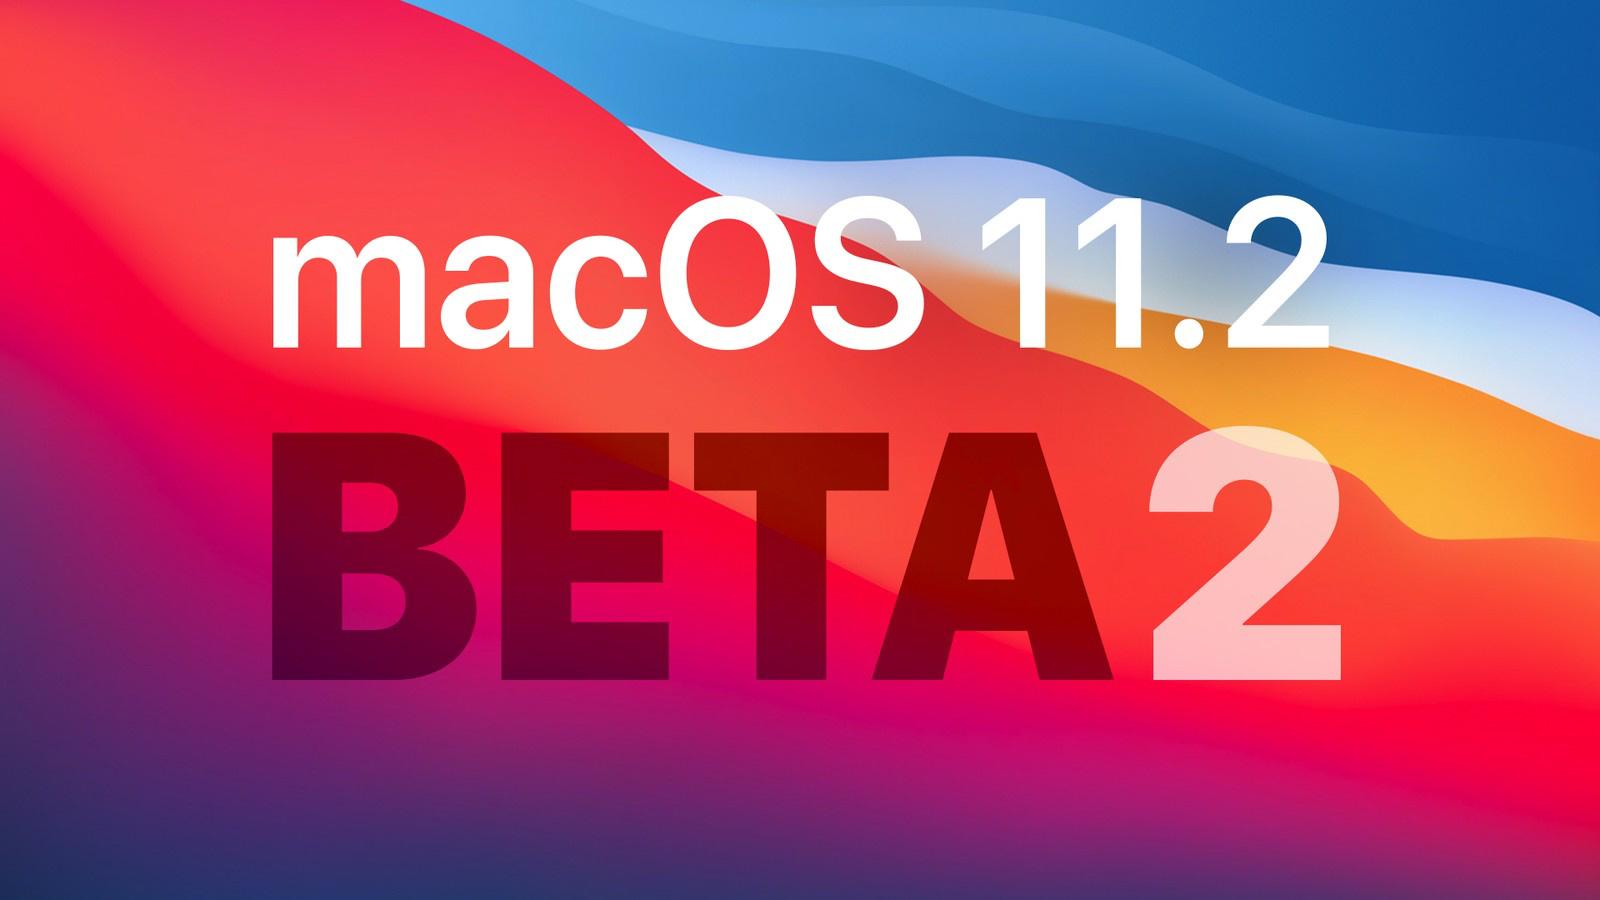 软件知识:macOSBigSur11.2beta2更新了什么